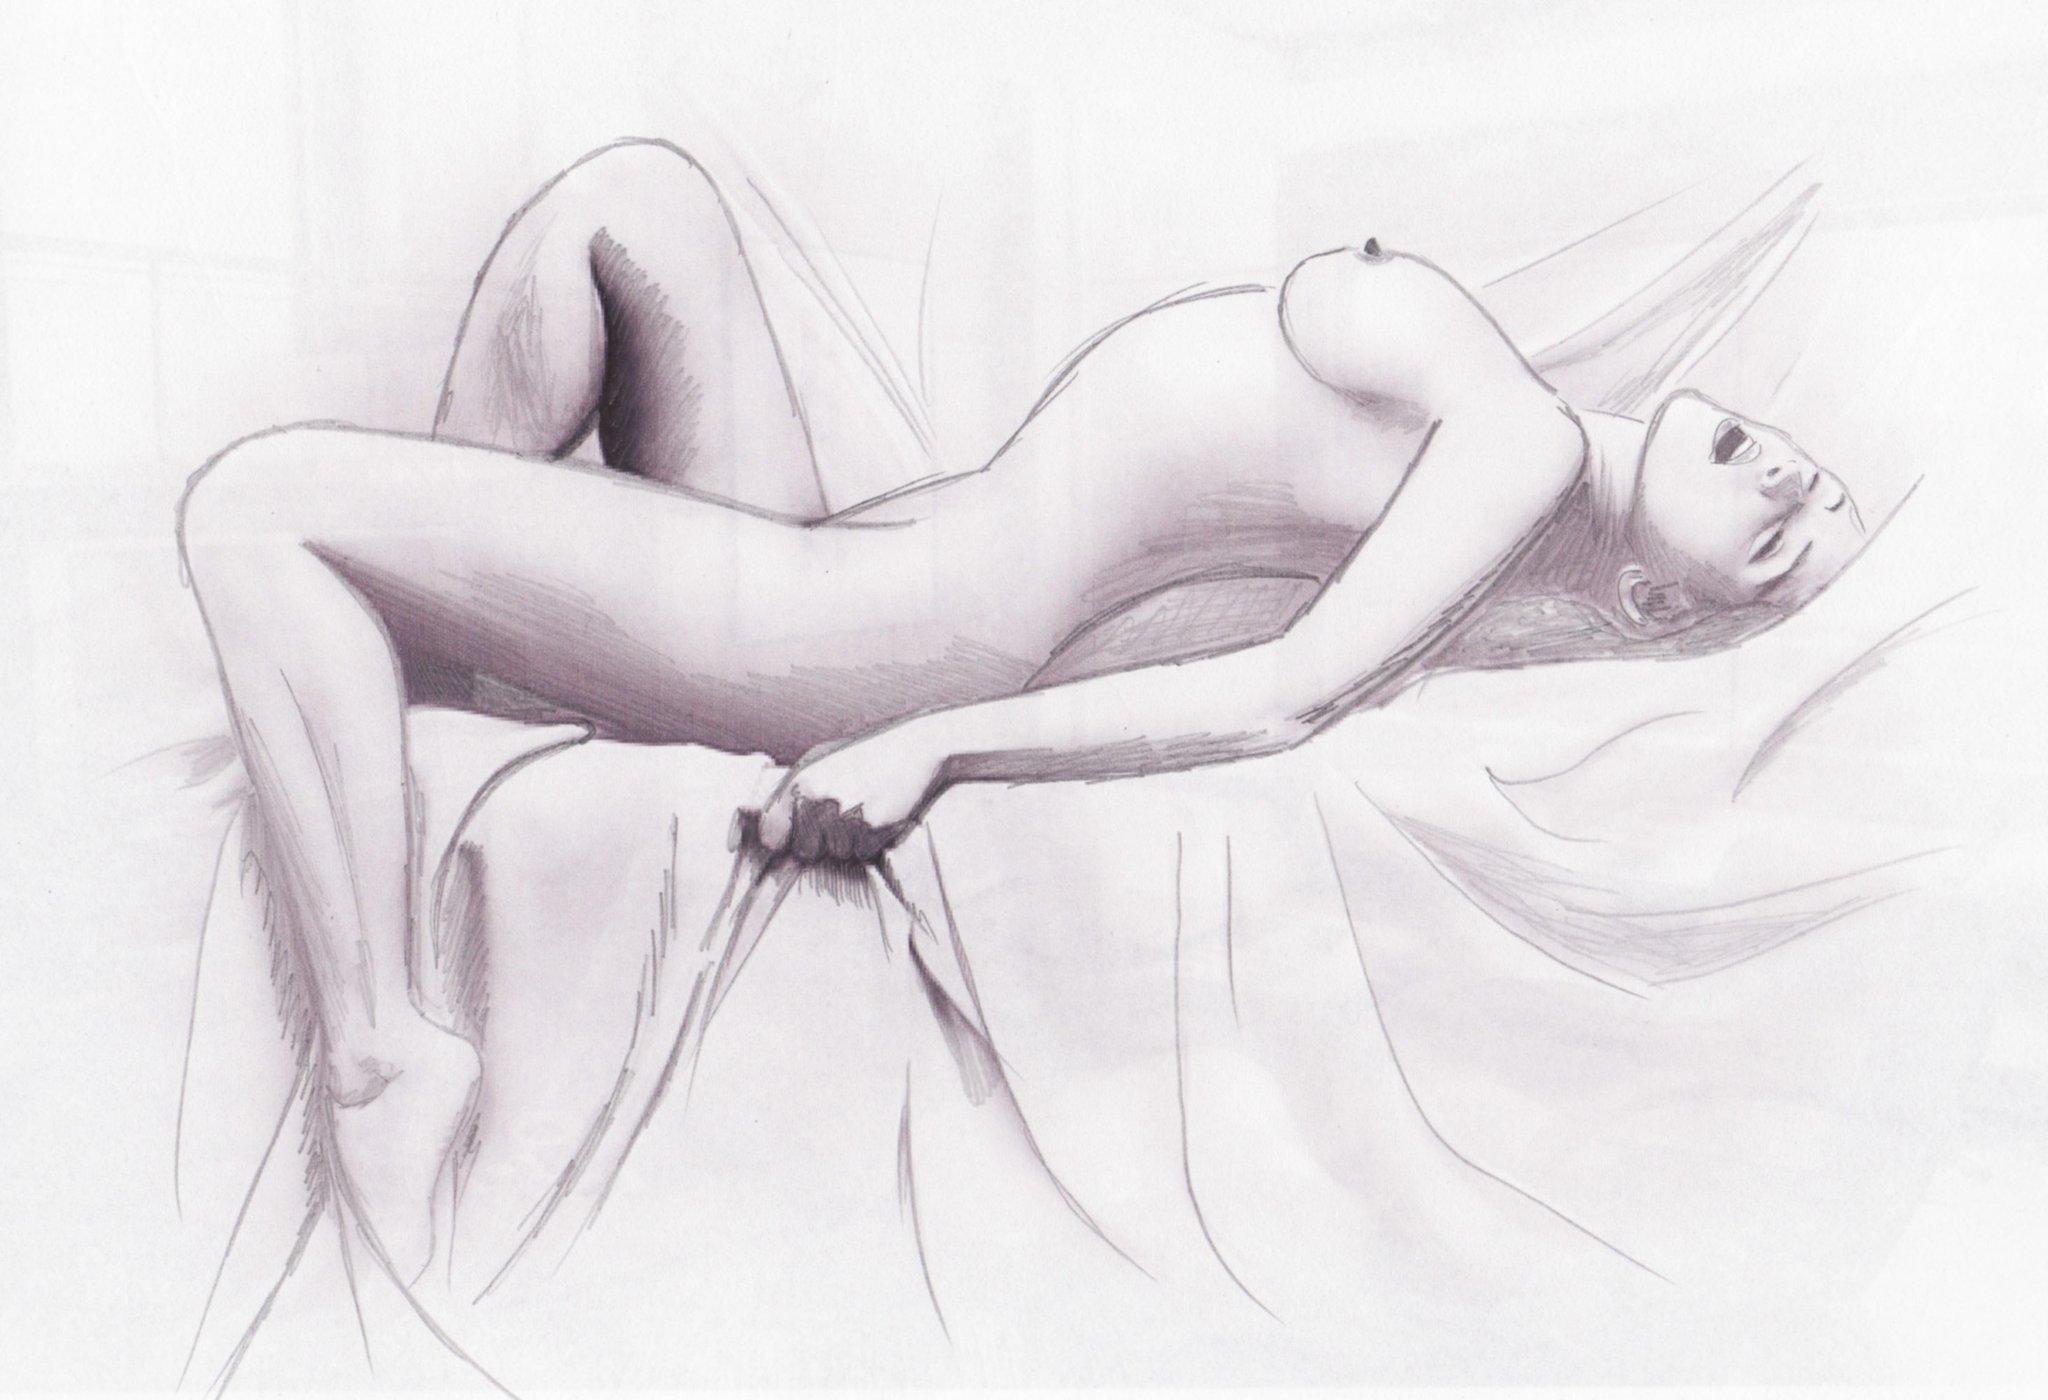 другому голые девушки карандашом письки